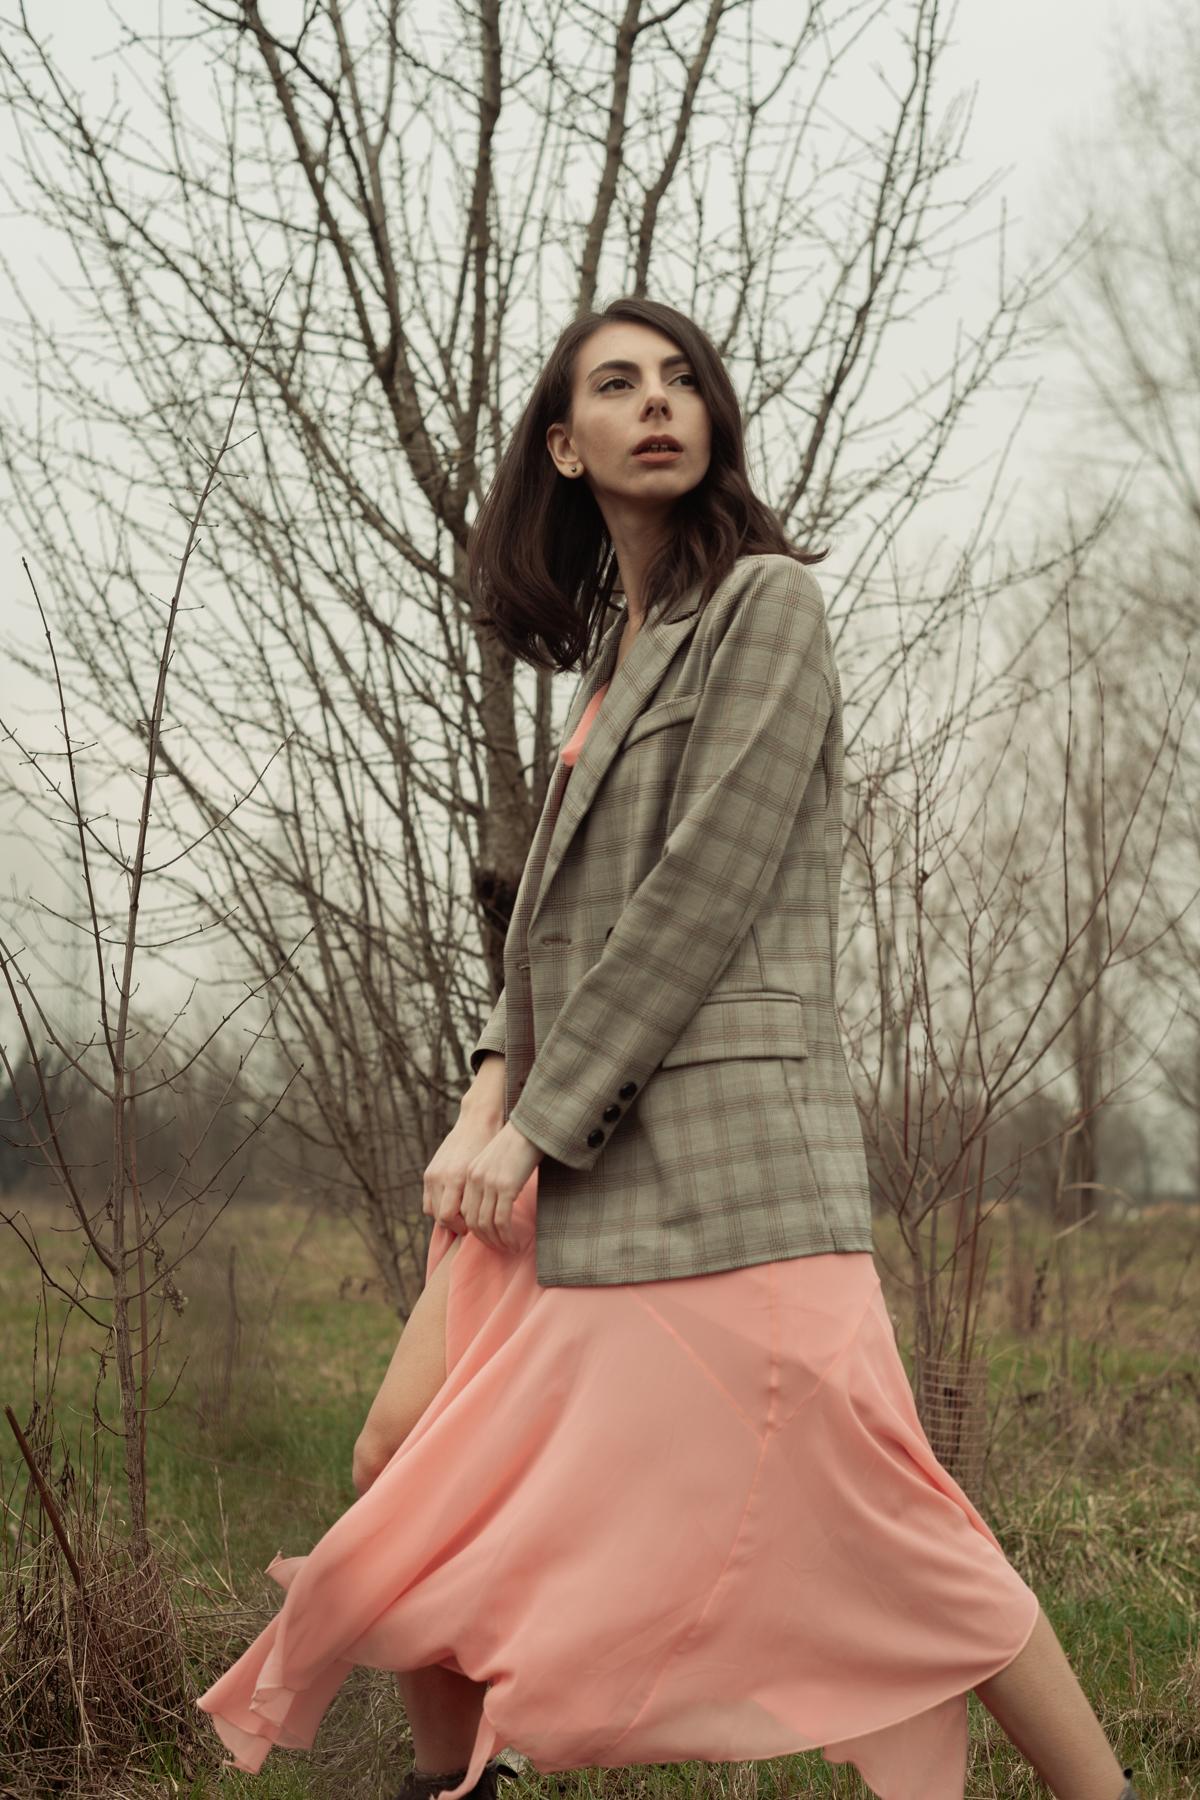 Categorie: Fashion, Portrait - Photographe: ALESSIO MASTROIANNI - Model: ALICE LABOLI - Location: Milano, MI, Italia